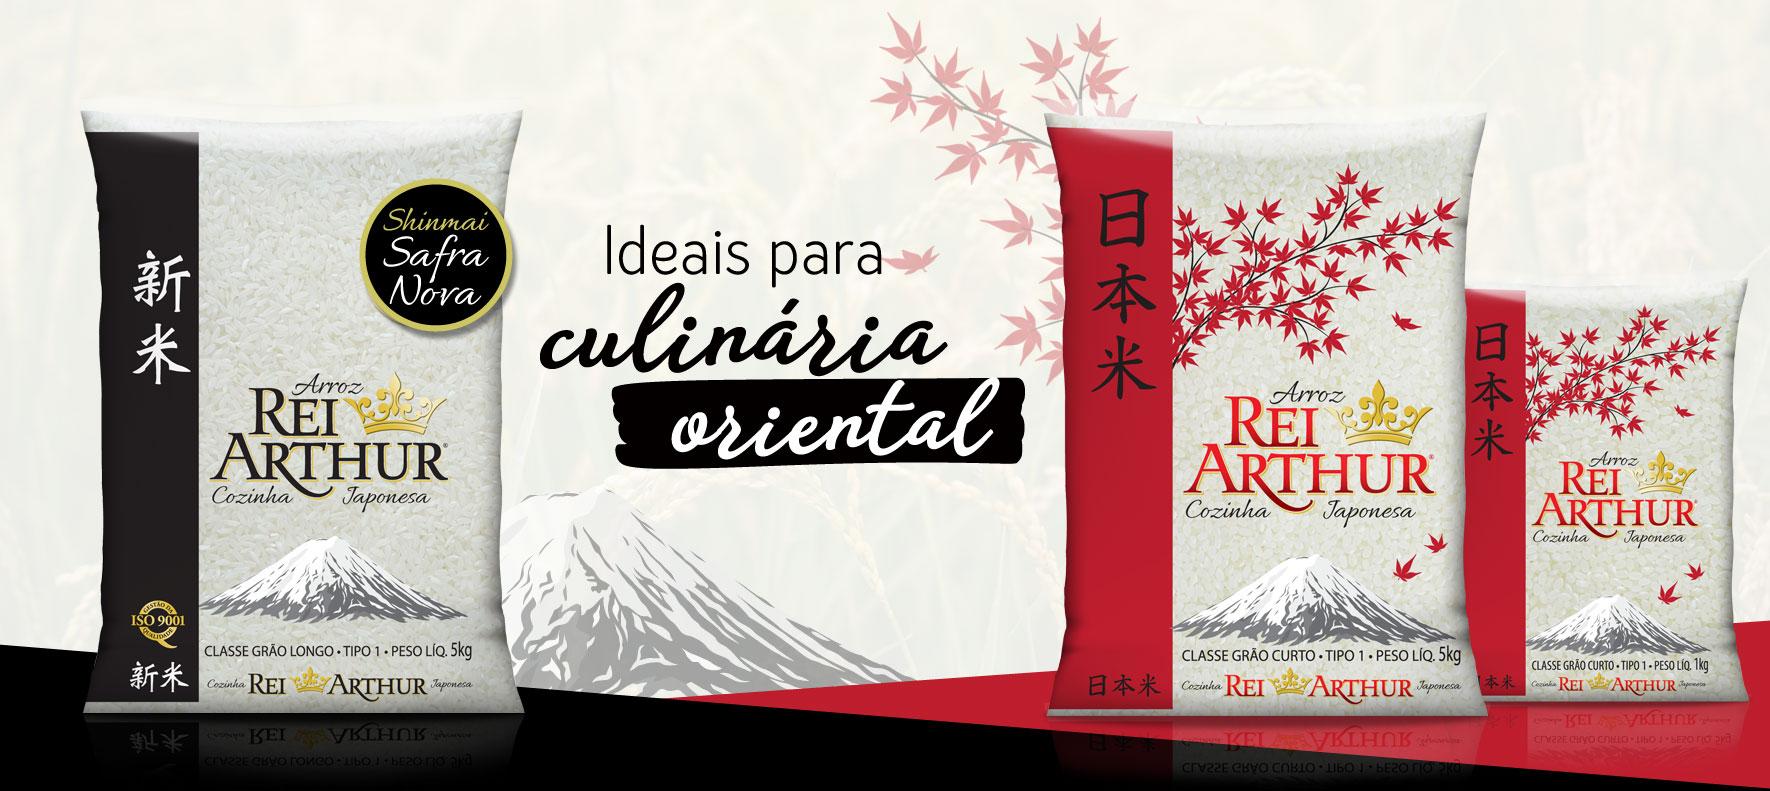 Arroz Rei Arthur Cozinha Japonesa, ideal para quem gosta da comida Japonesa